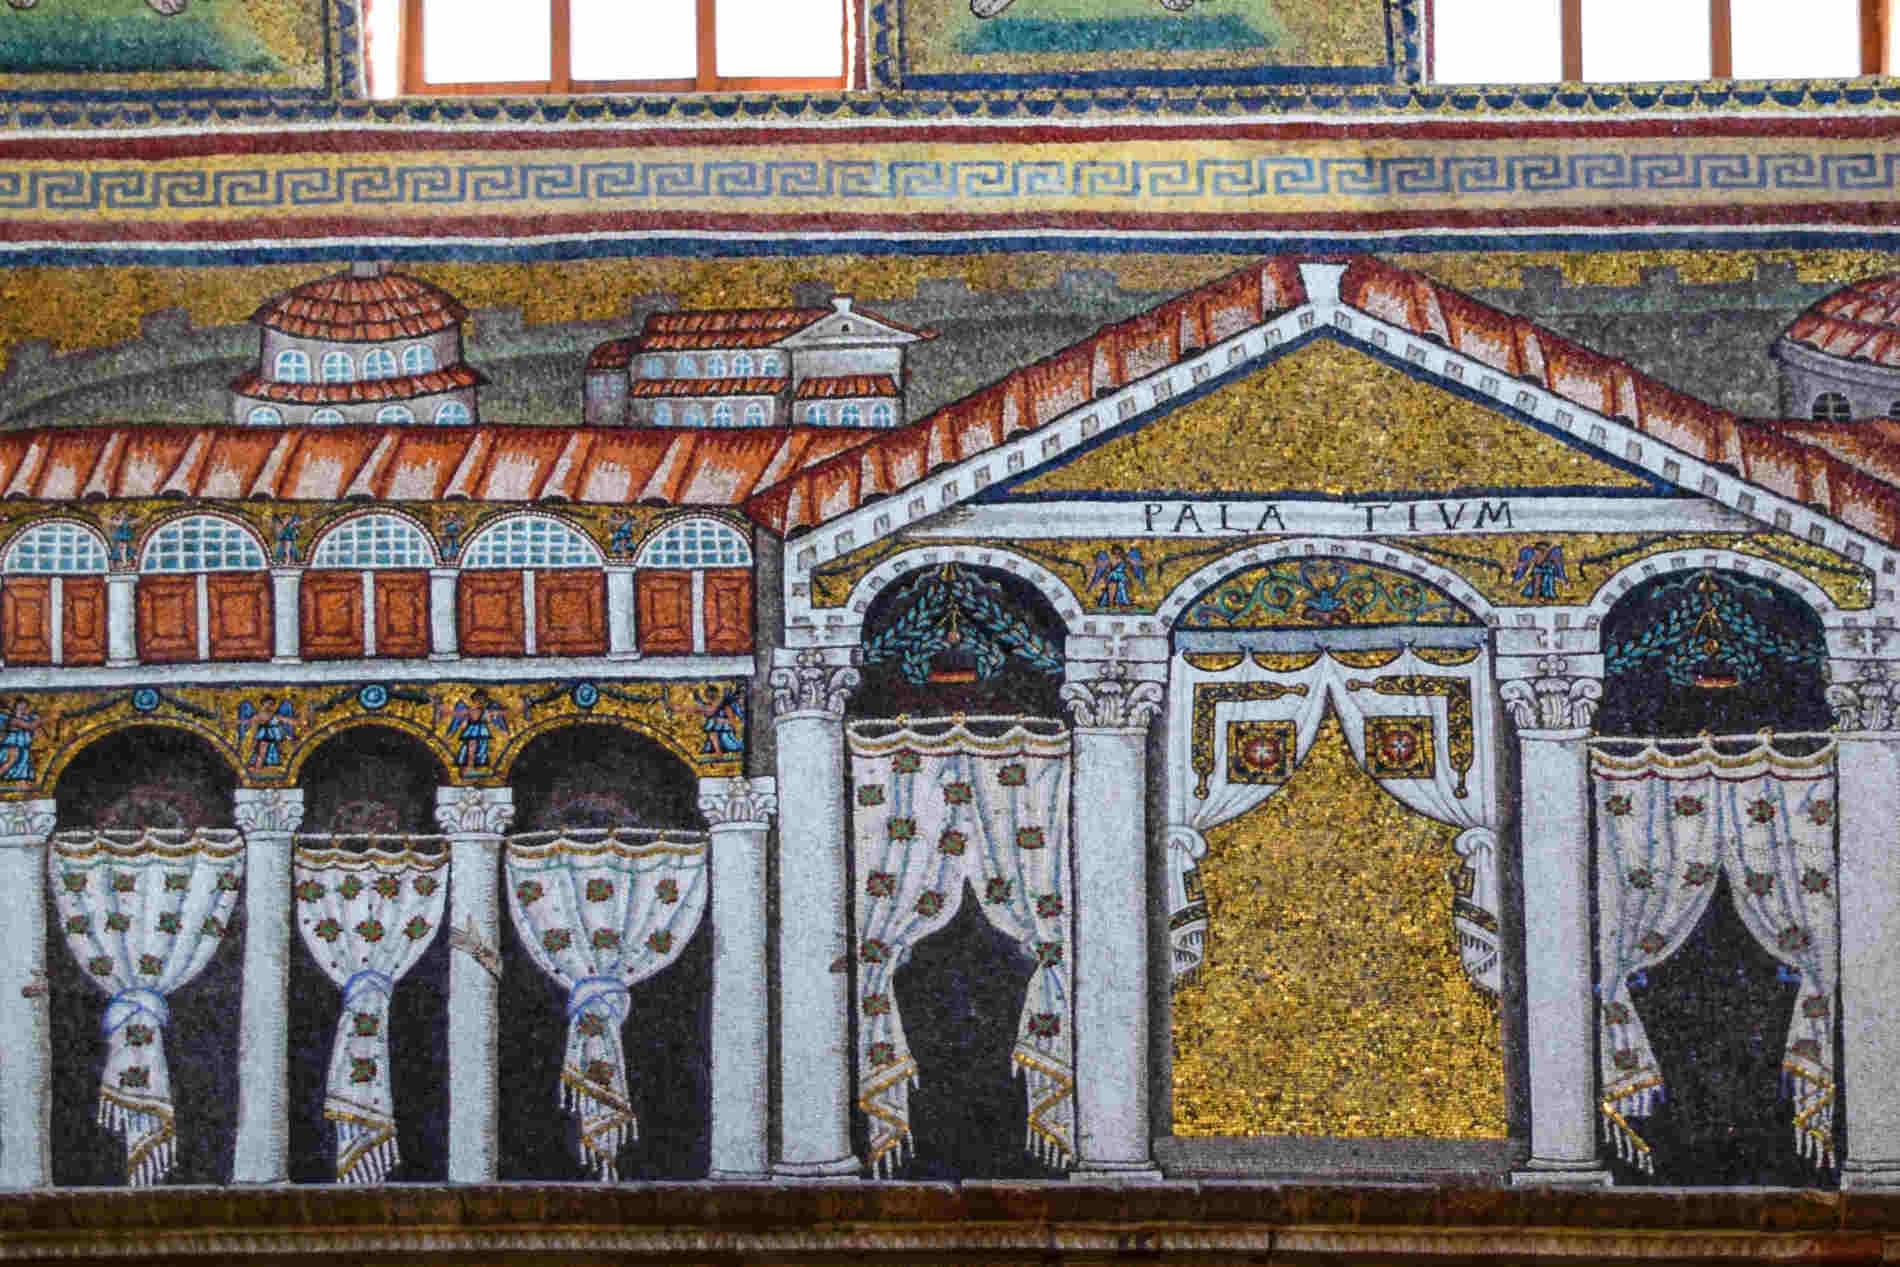 Particolari dei Mosaici a Ravenna sito italiano dichiarato dall'UNESCO patrimonio dell'UMANITA'